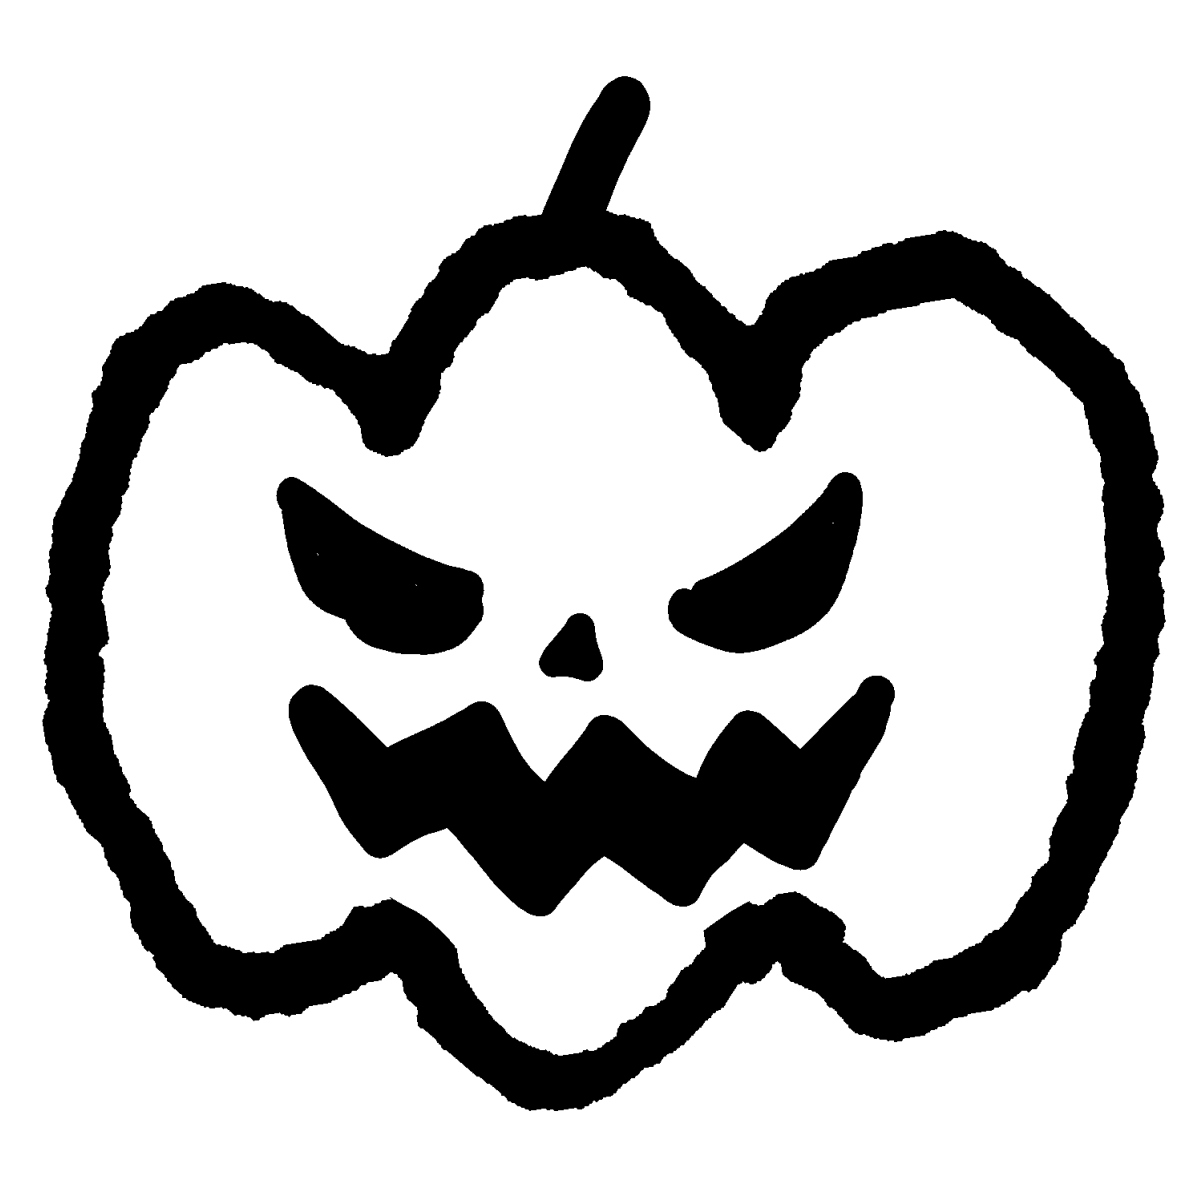 カボチャのおばけ(4種)のイラスト / Halloween's Jack O' Lantern Pumpkin  Illustration